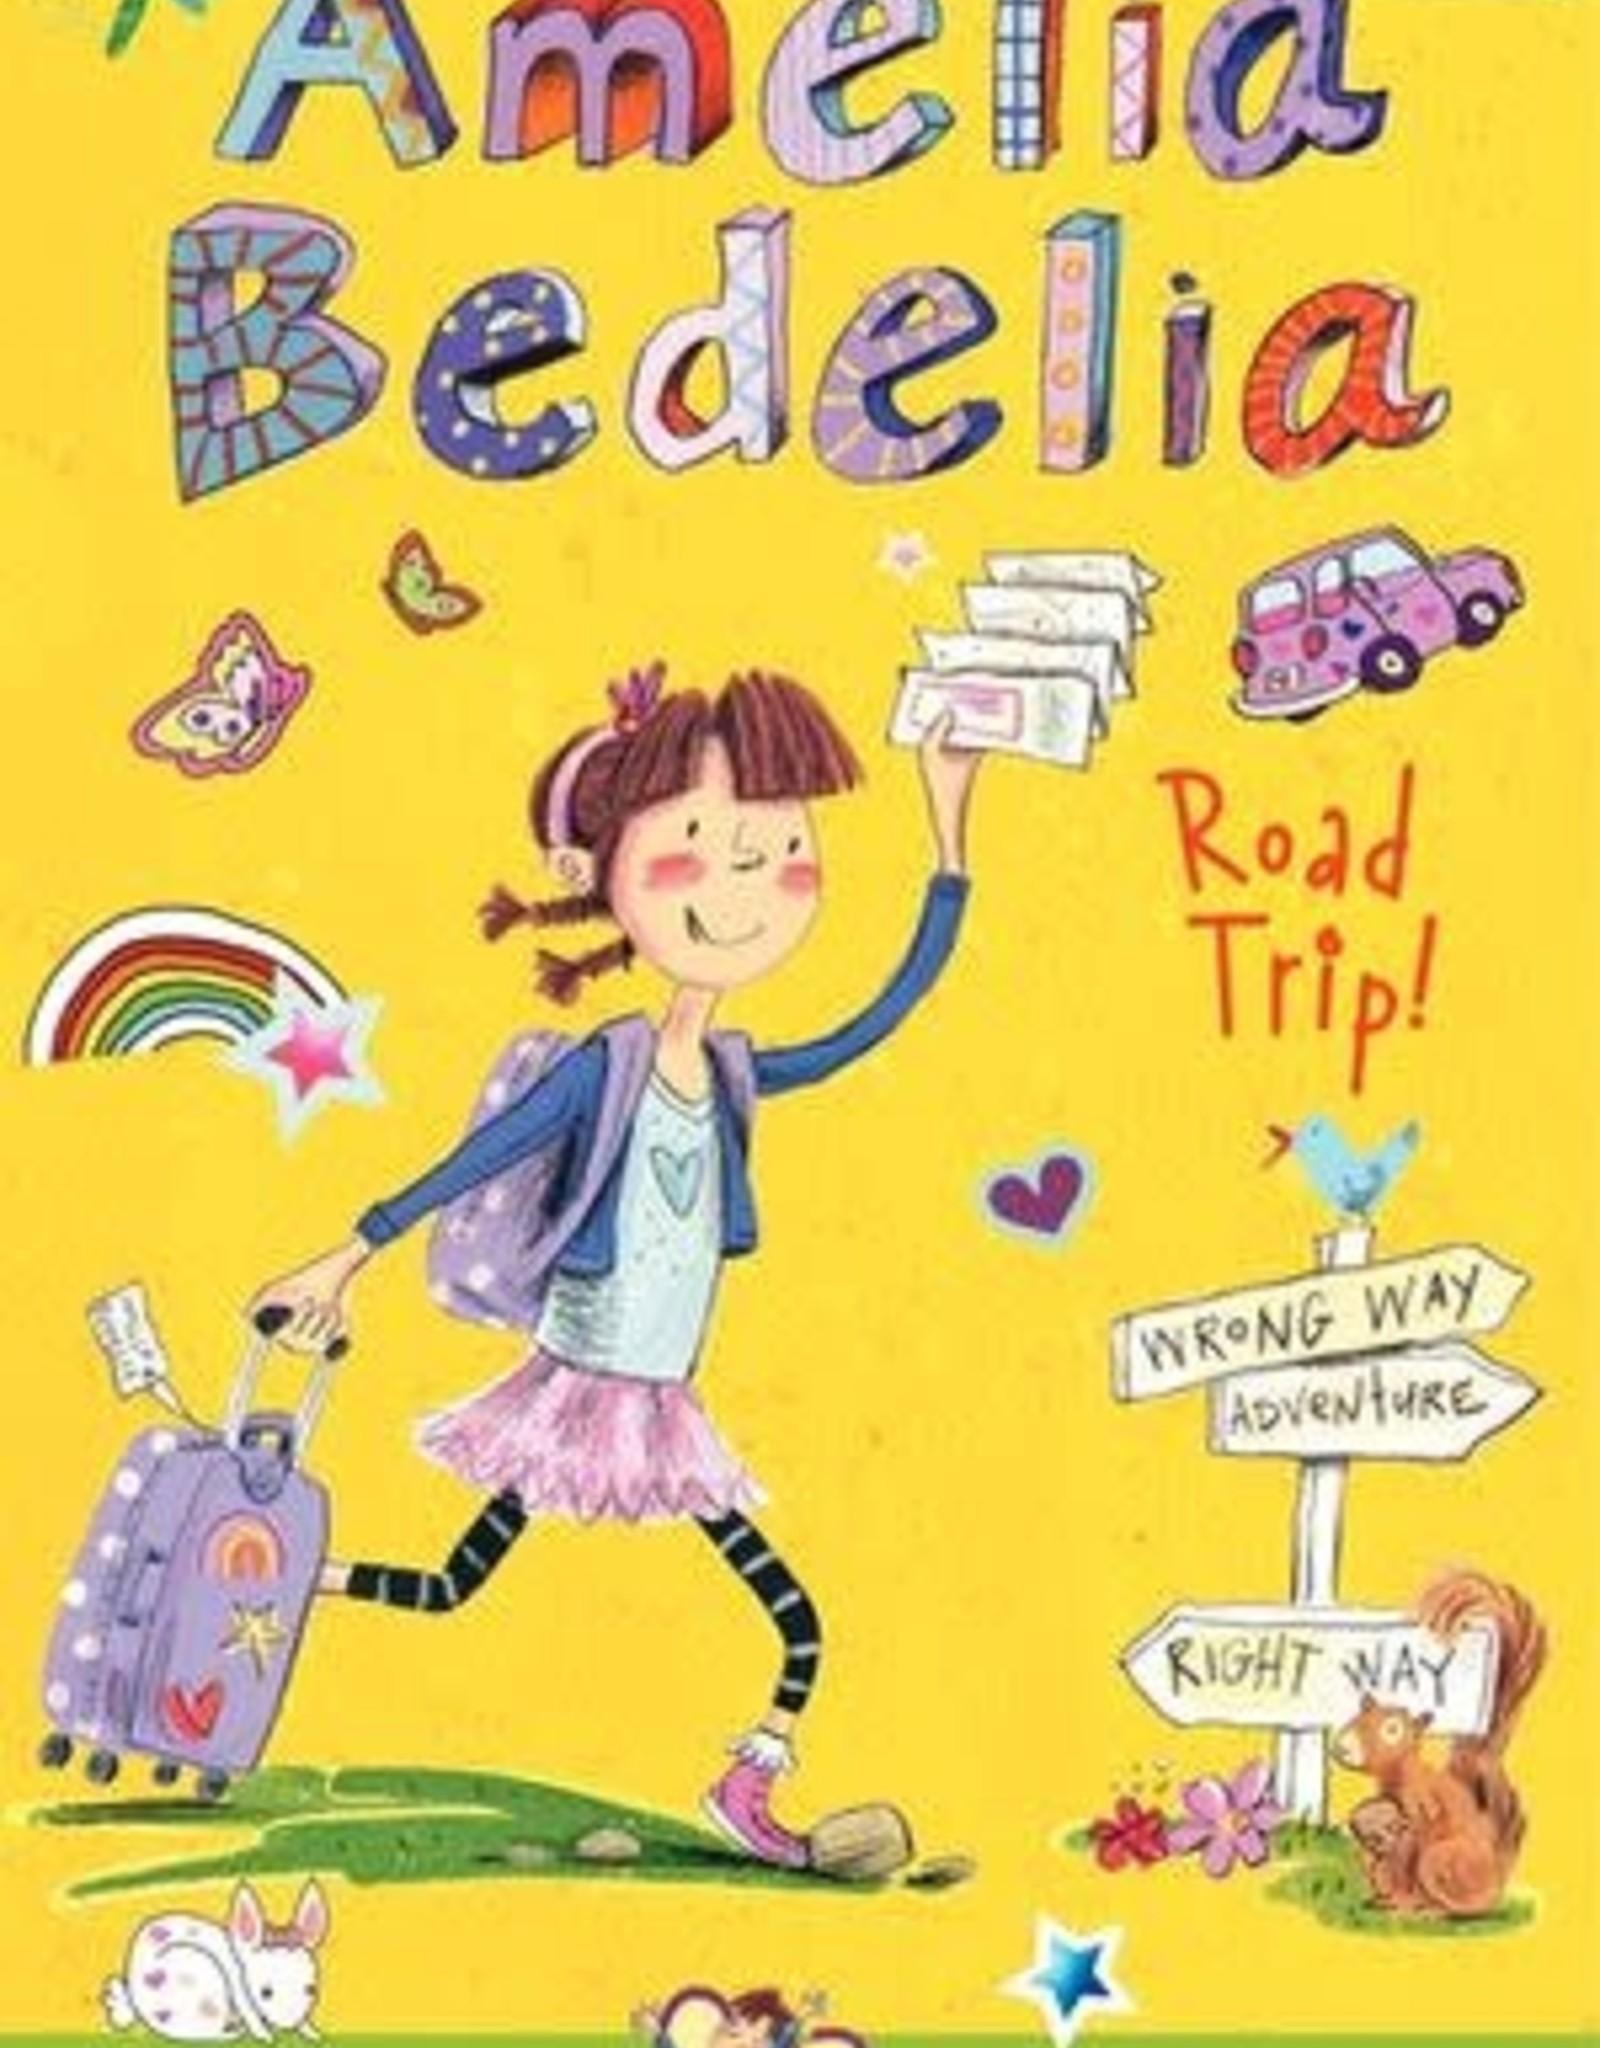 Harper Collins Amelia Bedelia Chapter Book #3: Amelia Bedelia Road Trip!